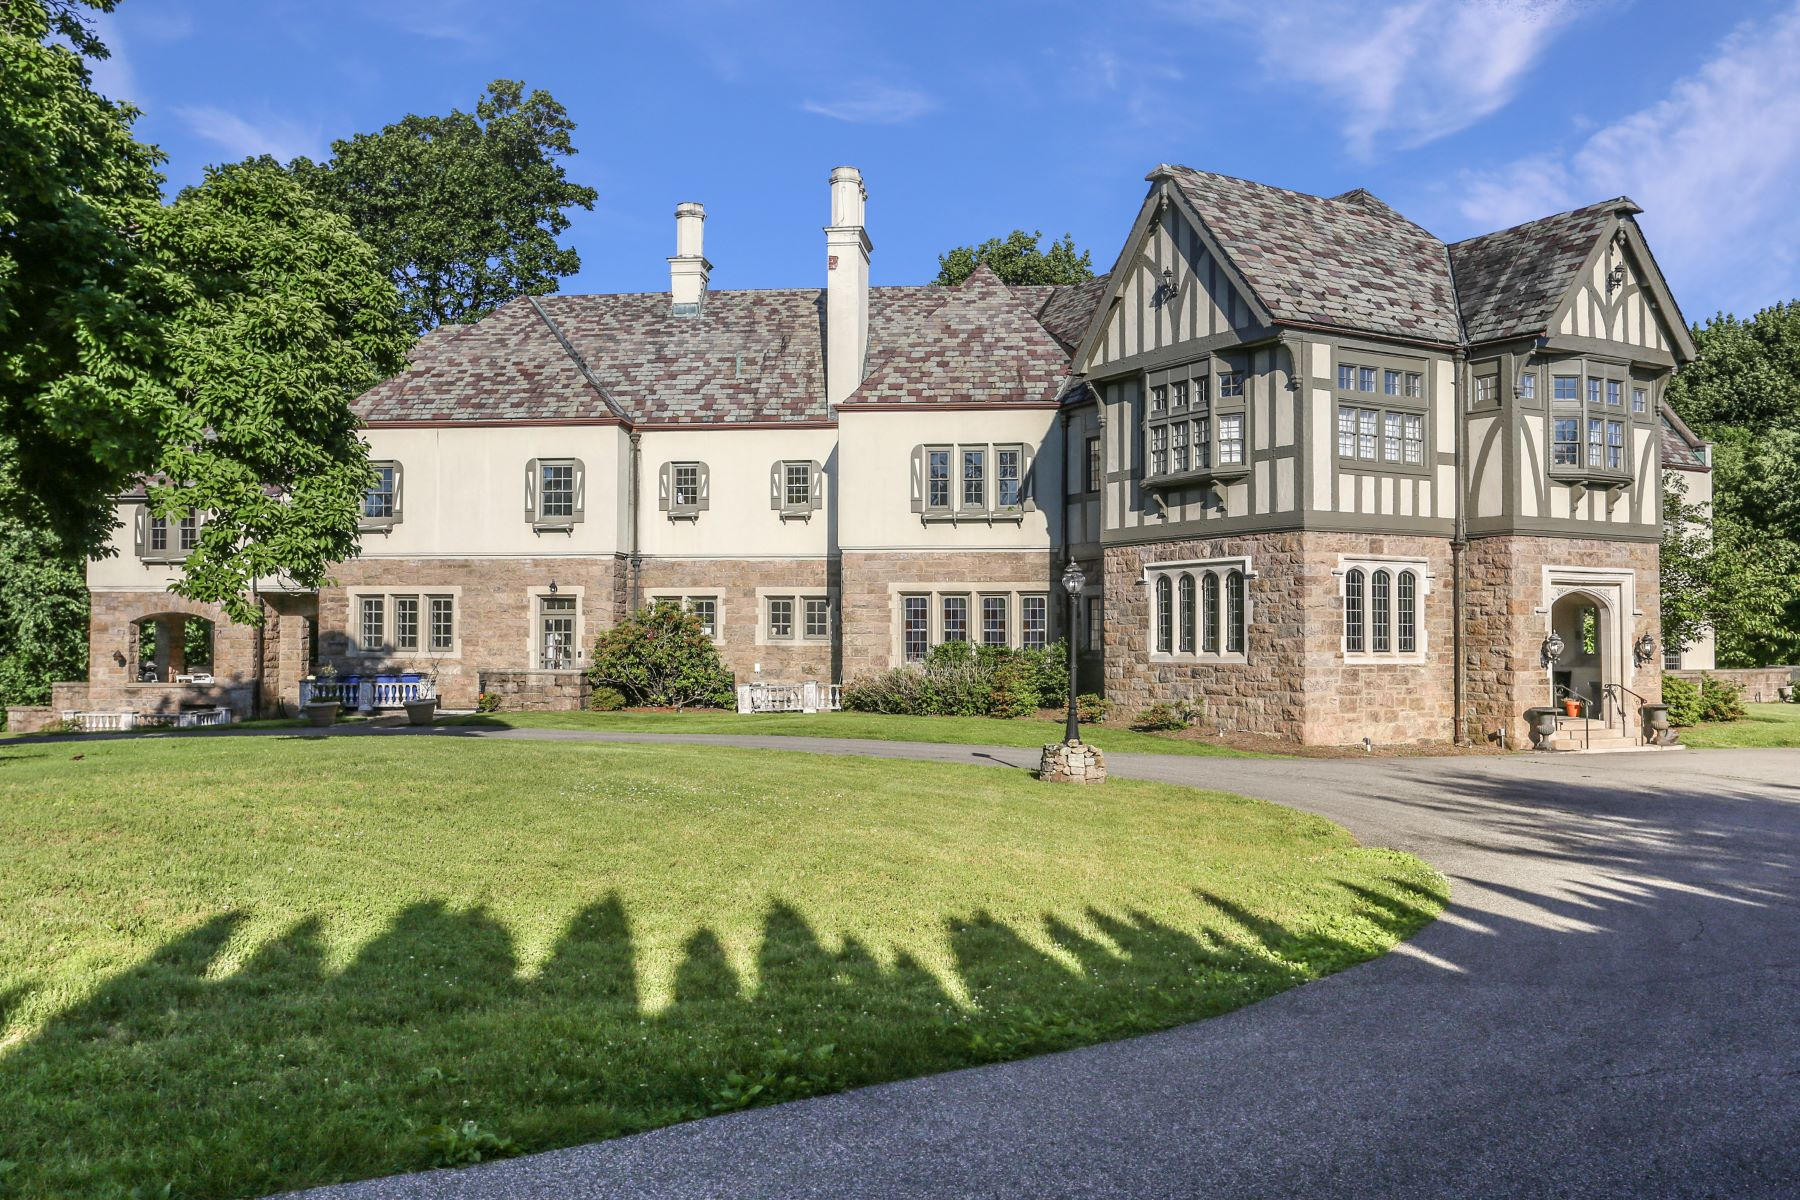 Single Family Homes för Försäljning vid Purchase, New York 10577 Förenta staterna